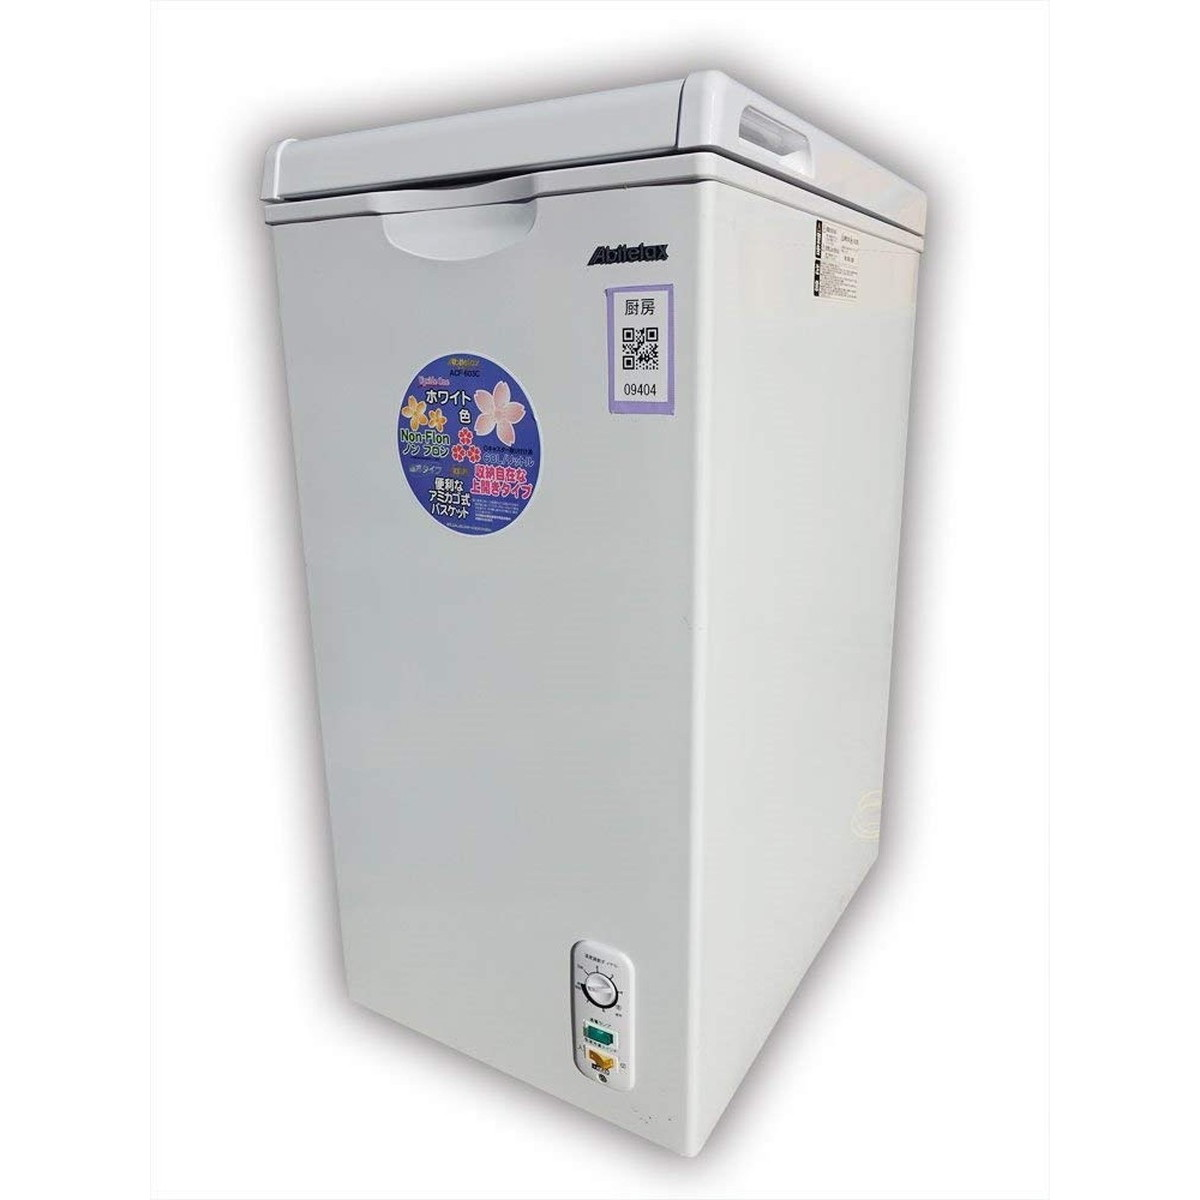 アビテラックス 60L チェストタイプ 冷凍庫(フリーザー)直冷式 ホワイトAbitelax ACF-603C